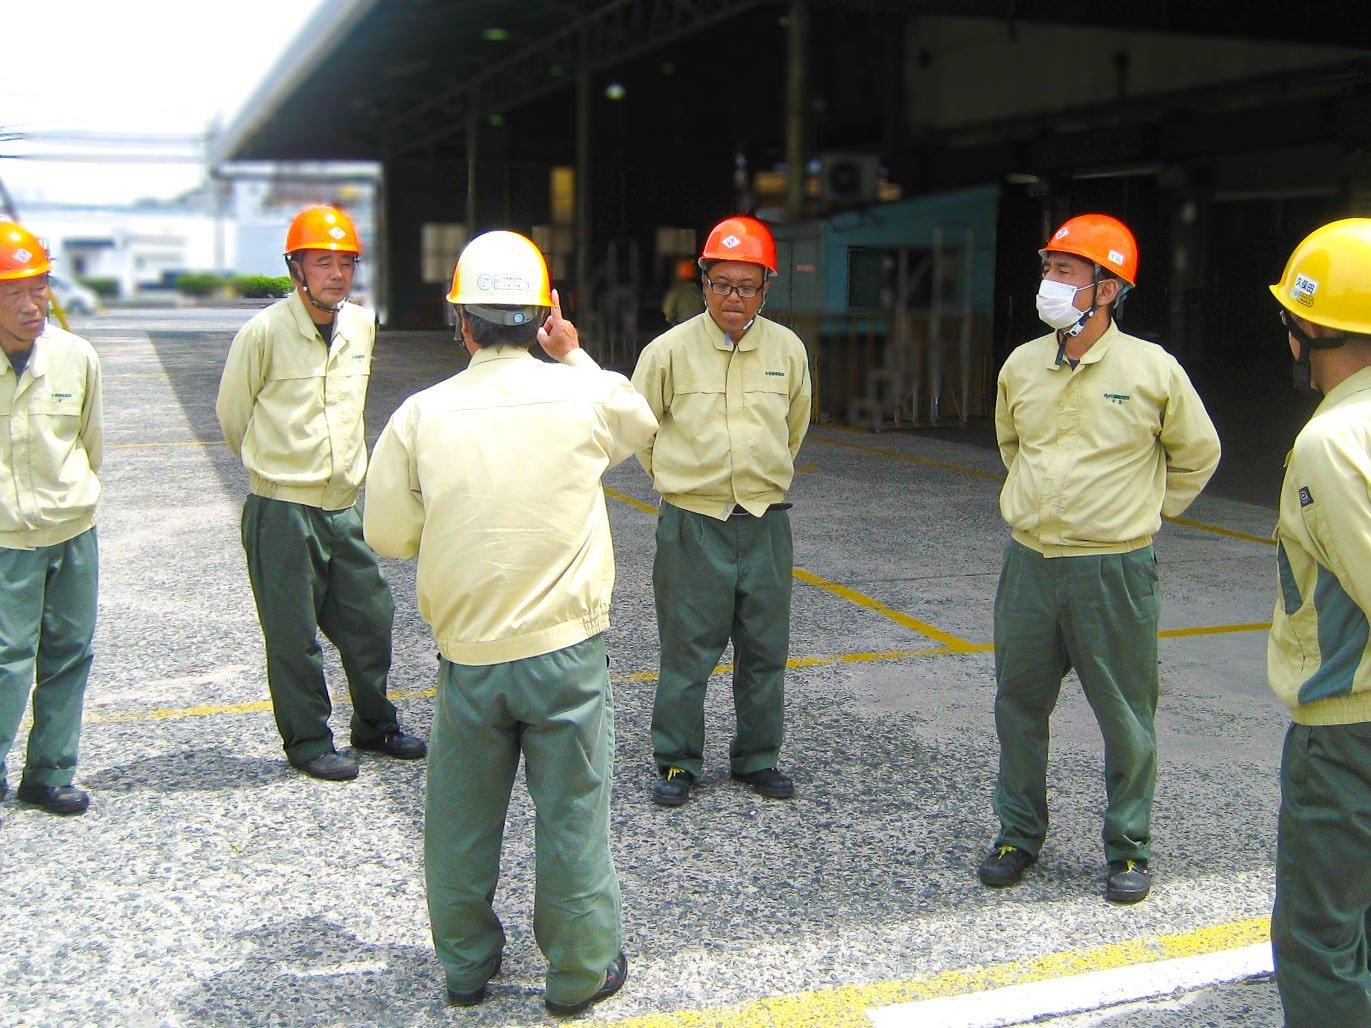 会社概要の背景画像の空|会社紹介|九州運輸建設株式会社|北九州市